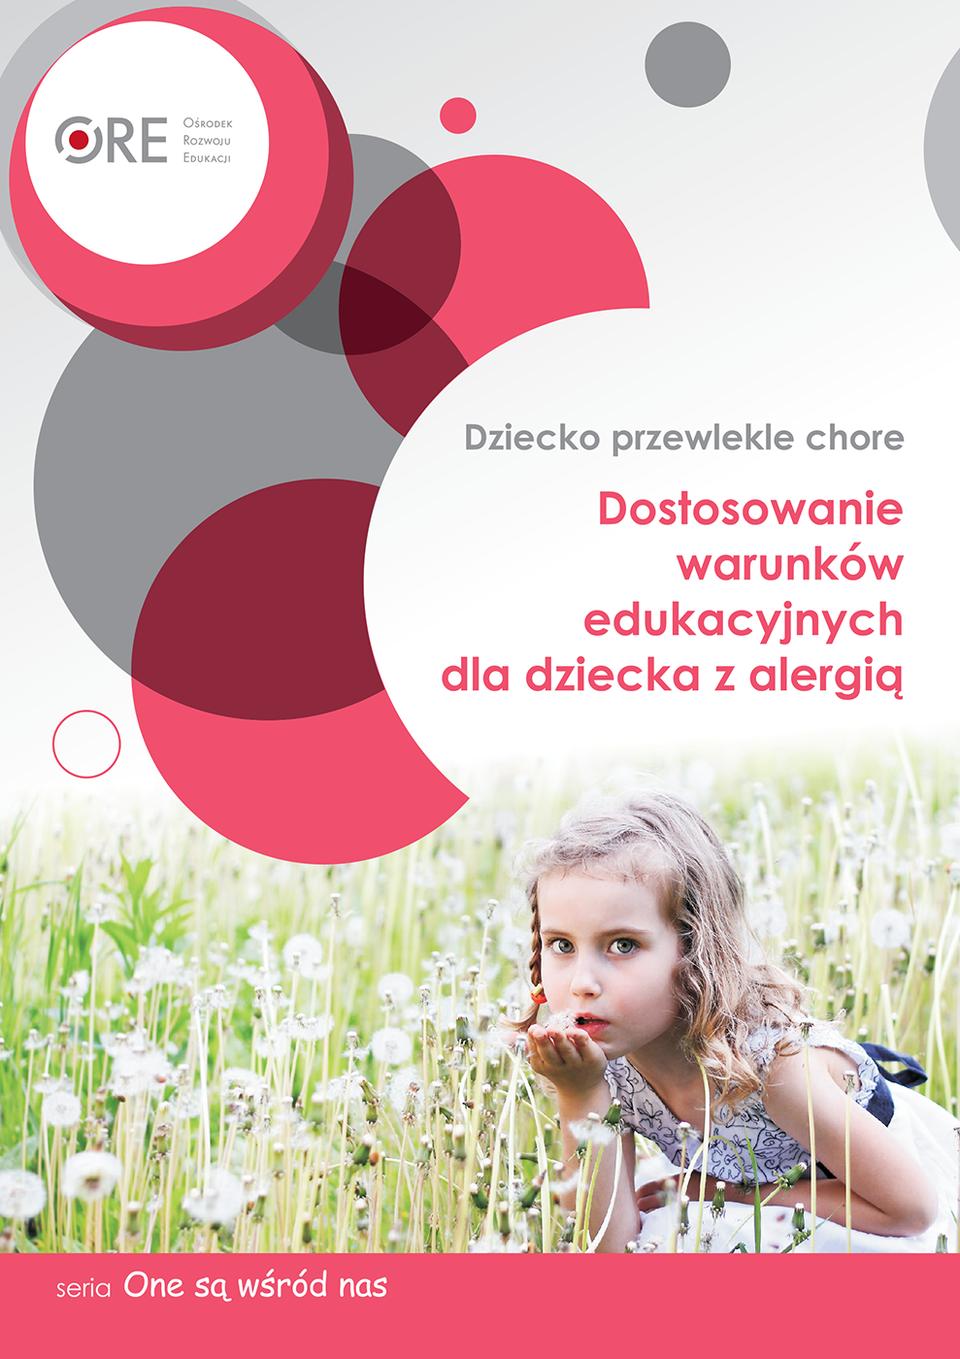 Pobierz plik: Dostosowanie_warunków_edukacyjnych_dla_dziecka_z_alergią.pdf